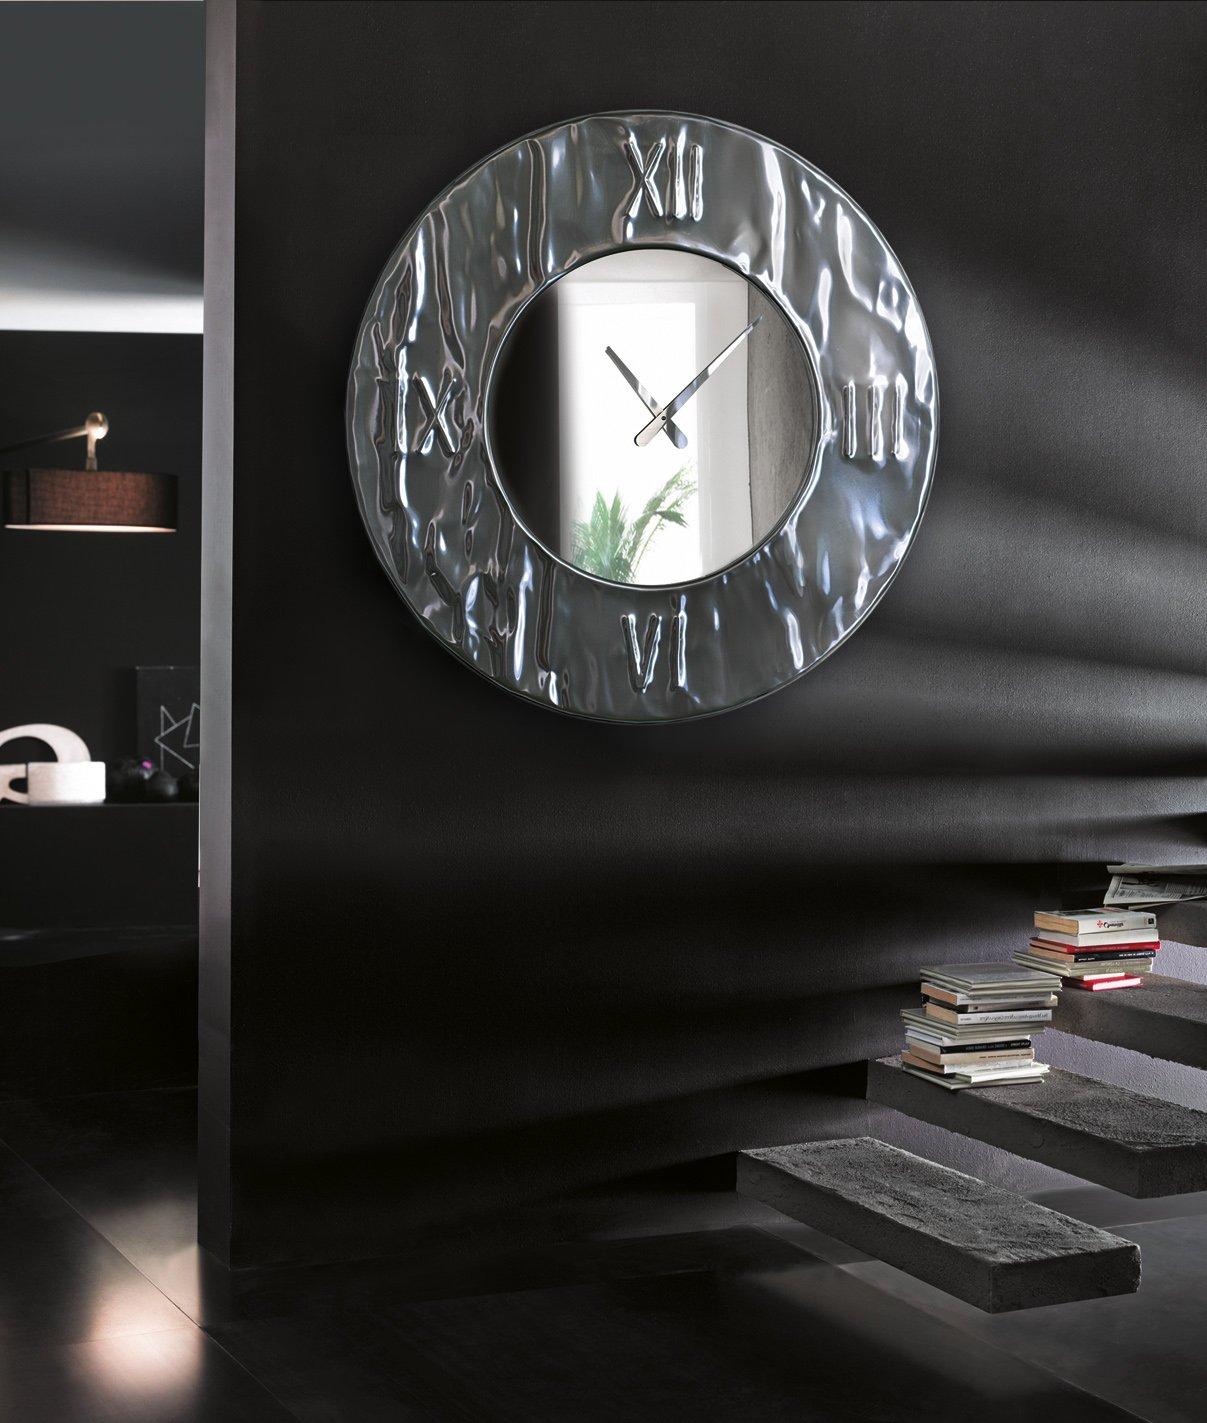 Maison Du Monde Appendiabiti A Muro.Orologi Da Parete Coloratissimi O Minimali Arredano L Ambiente